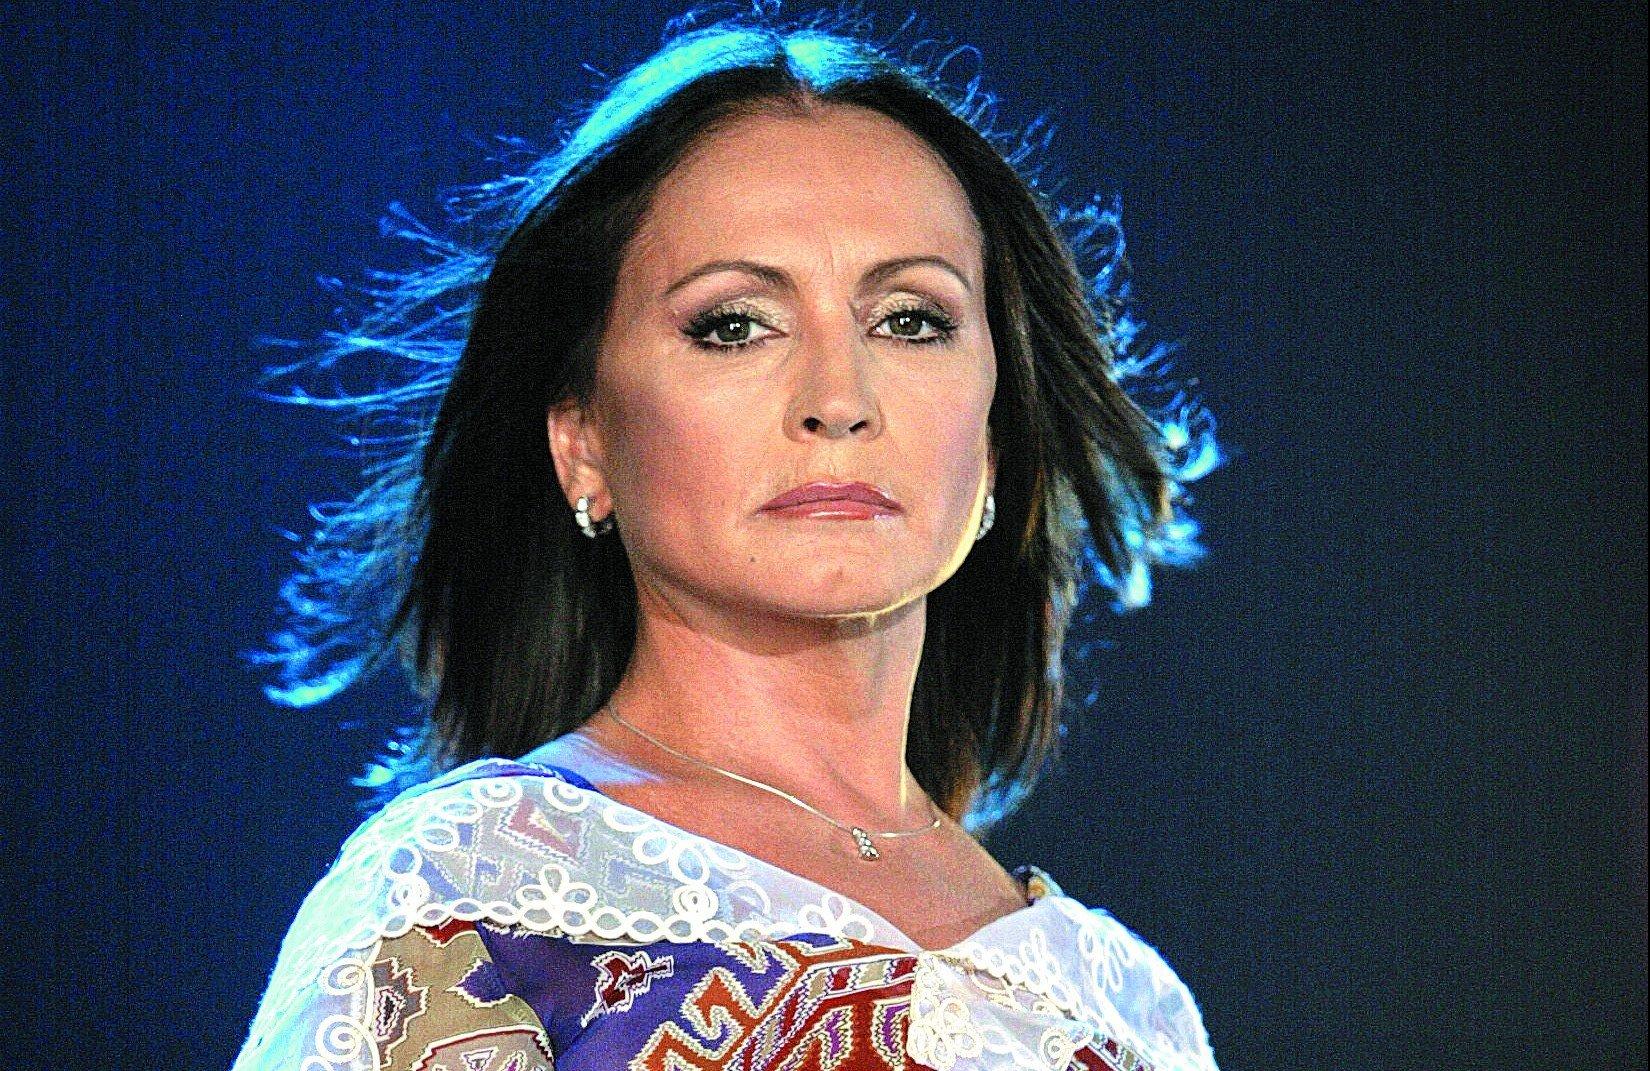 Софія Ротару презентувала нову пісню на концерті в Україні: з'явилися фото і відео